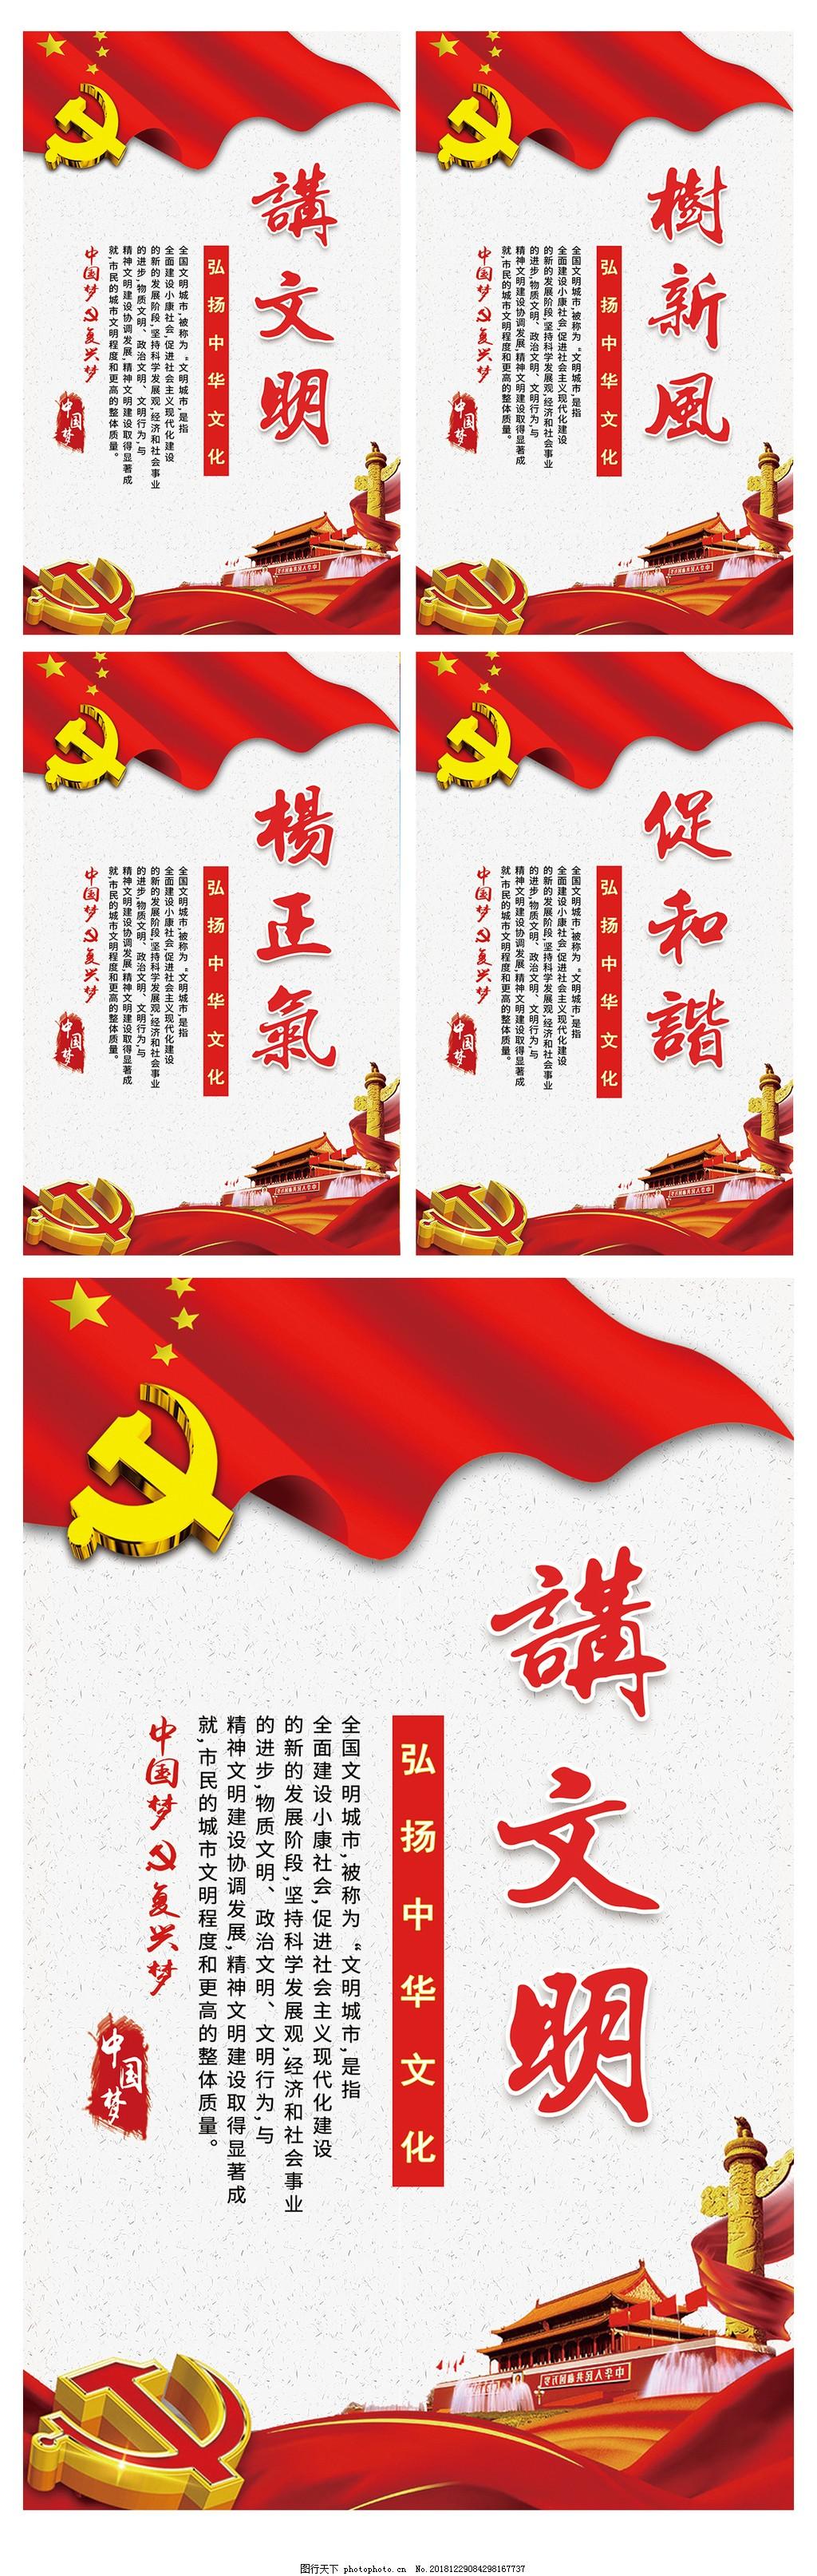 2017讲文明树新风红色文化党建宣传挂画,图片,psd,素材,模板,和谐社会,城市标语